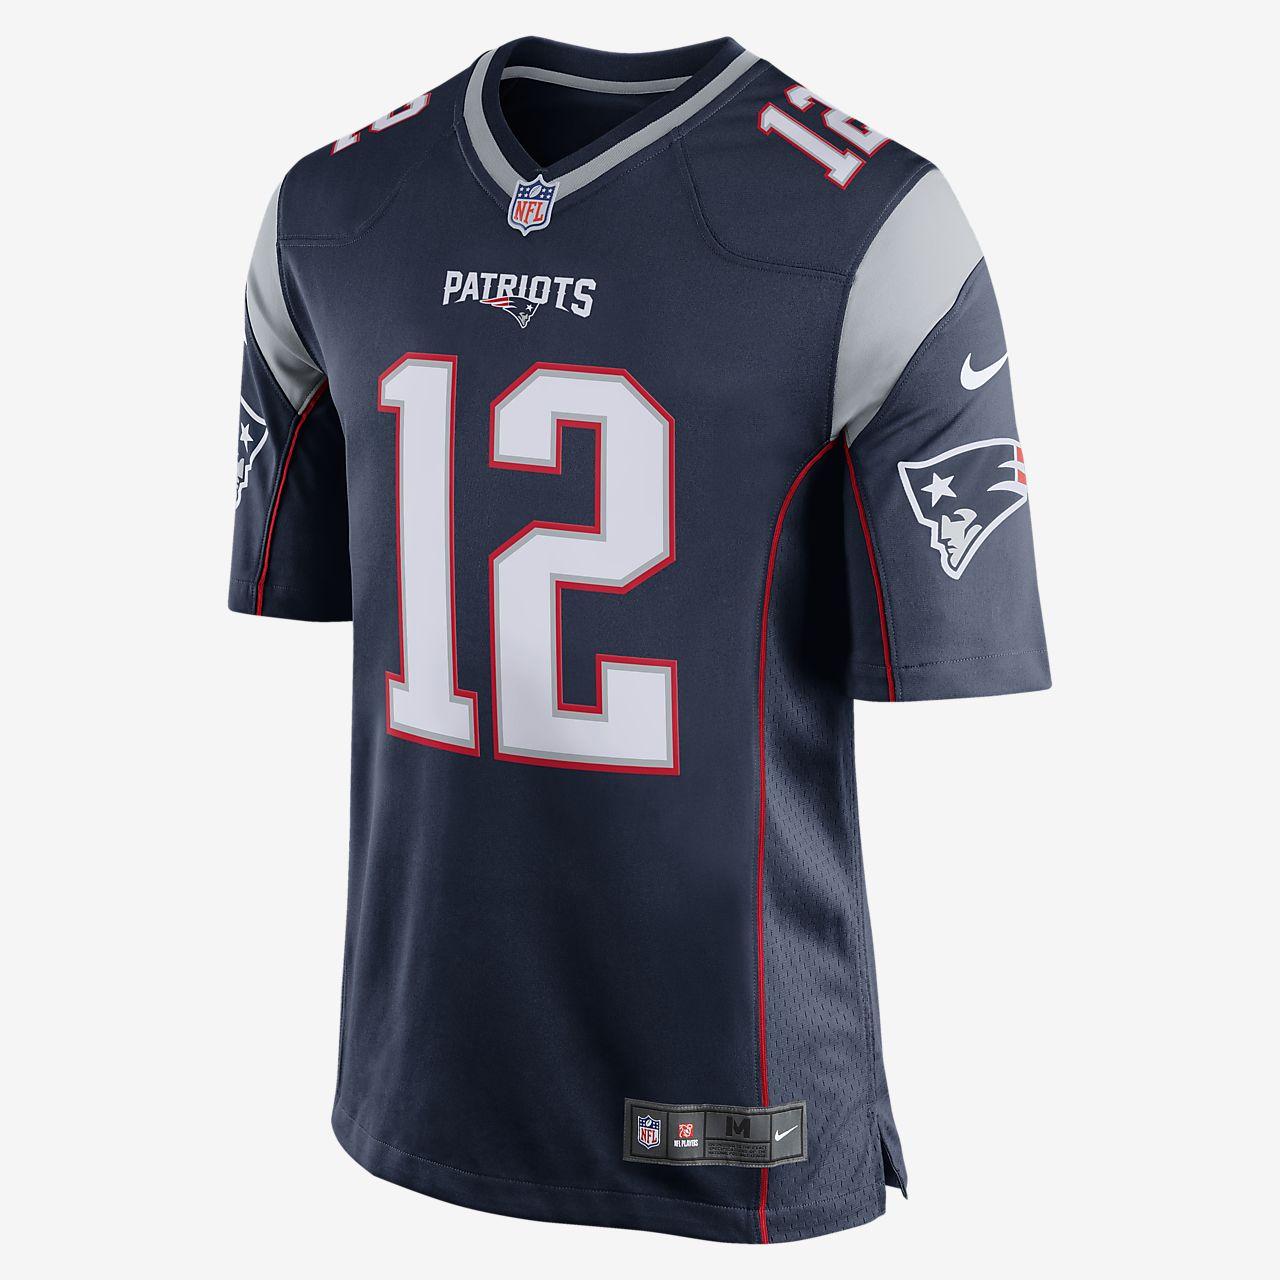 de0966694 ... Camisola de jogo principal de futebol americano NFL New England  Patriots (Tom Brady) para